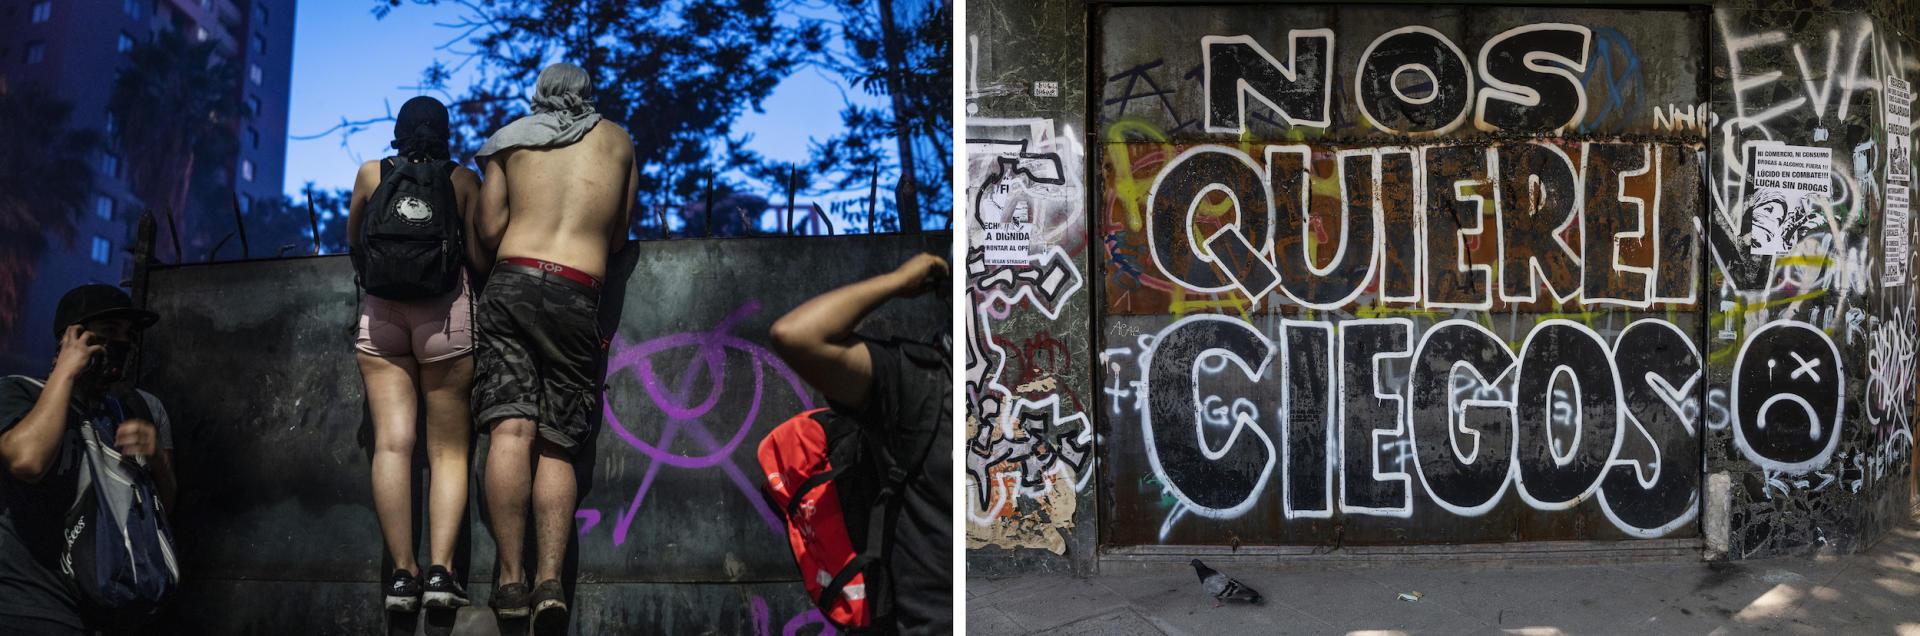 Sur ce graffiti, on peut lire : « Ils veulent que nous soyons aveugles.»